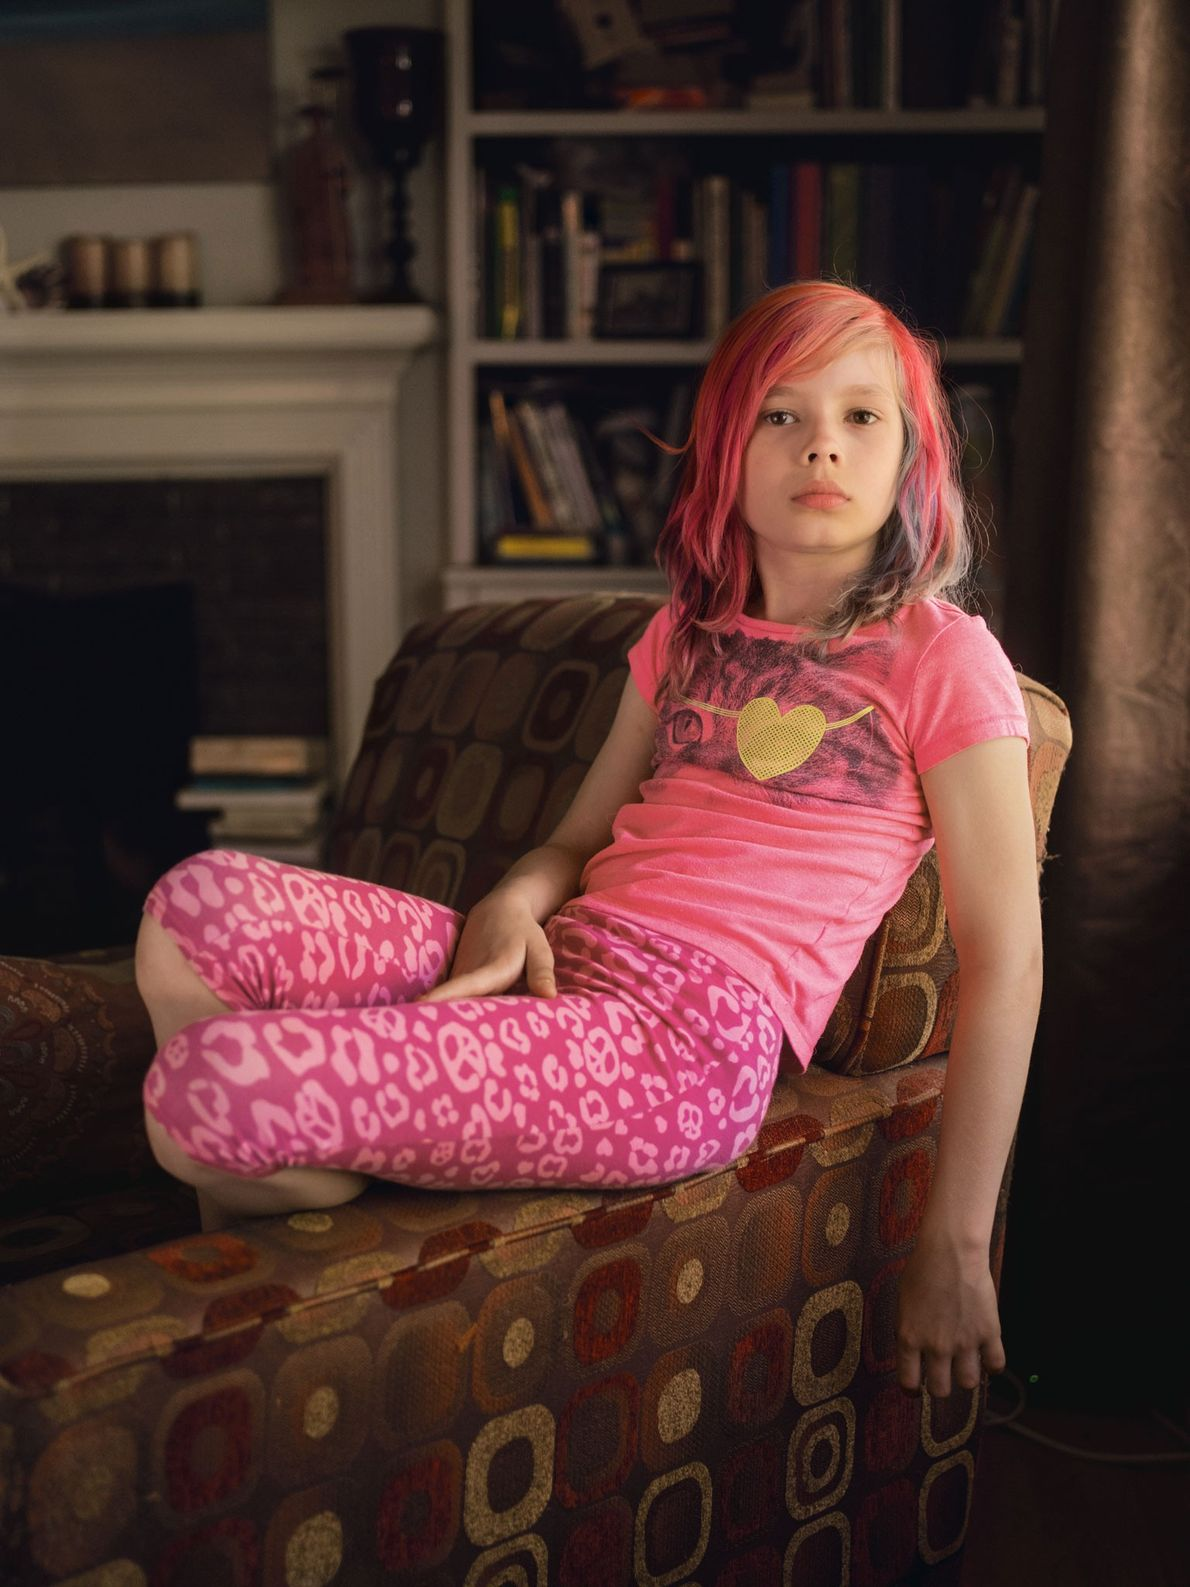 Avery Jackson, ein neun Jahre altes Mädchen, war der erste Transgender, der auf dem Cover des ...